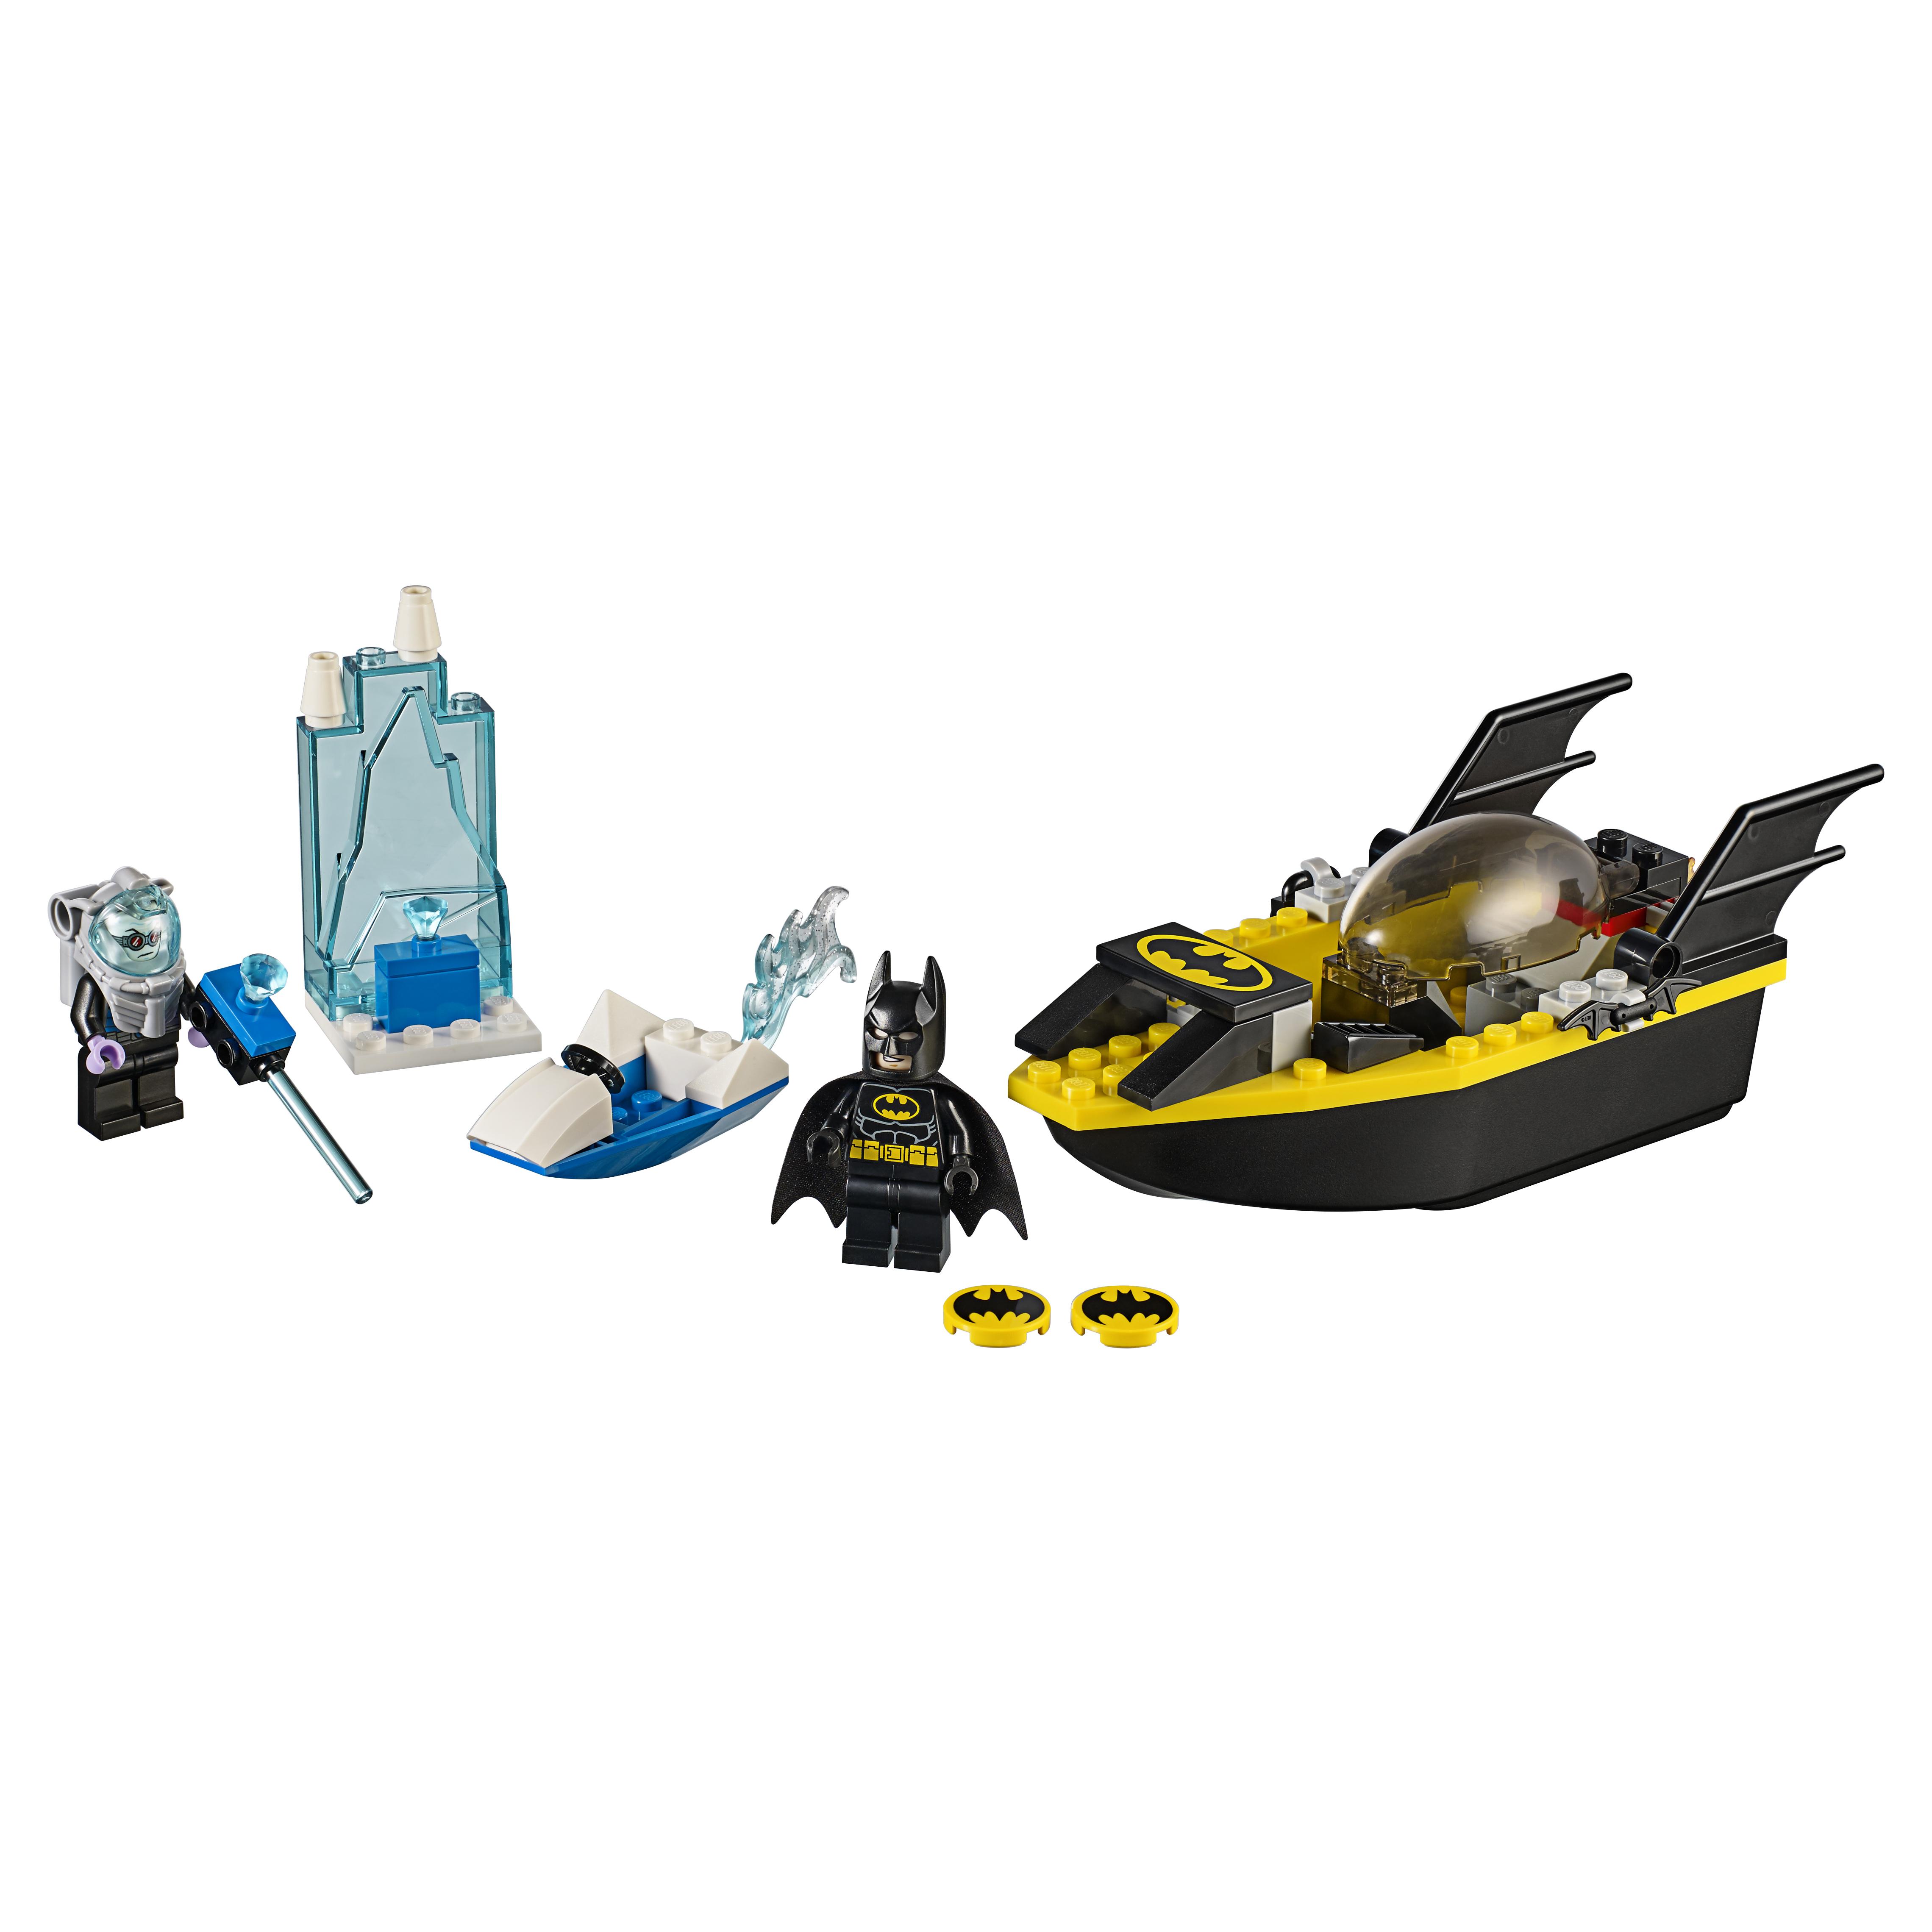 Конструктор LEGO DC Comics Juniors Бэтмен против Мистера Фриза (10737) фото